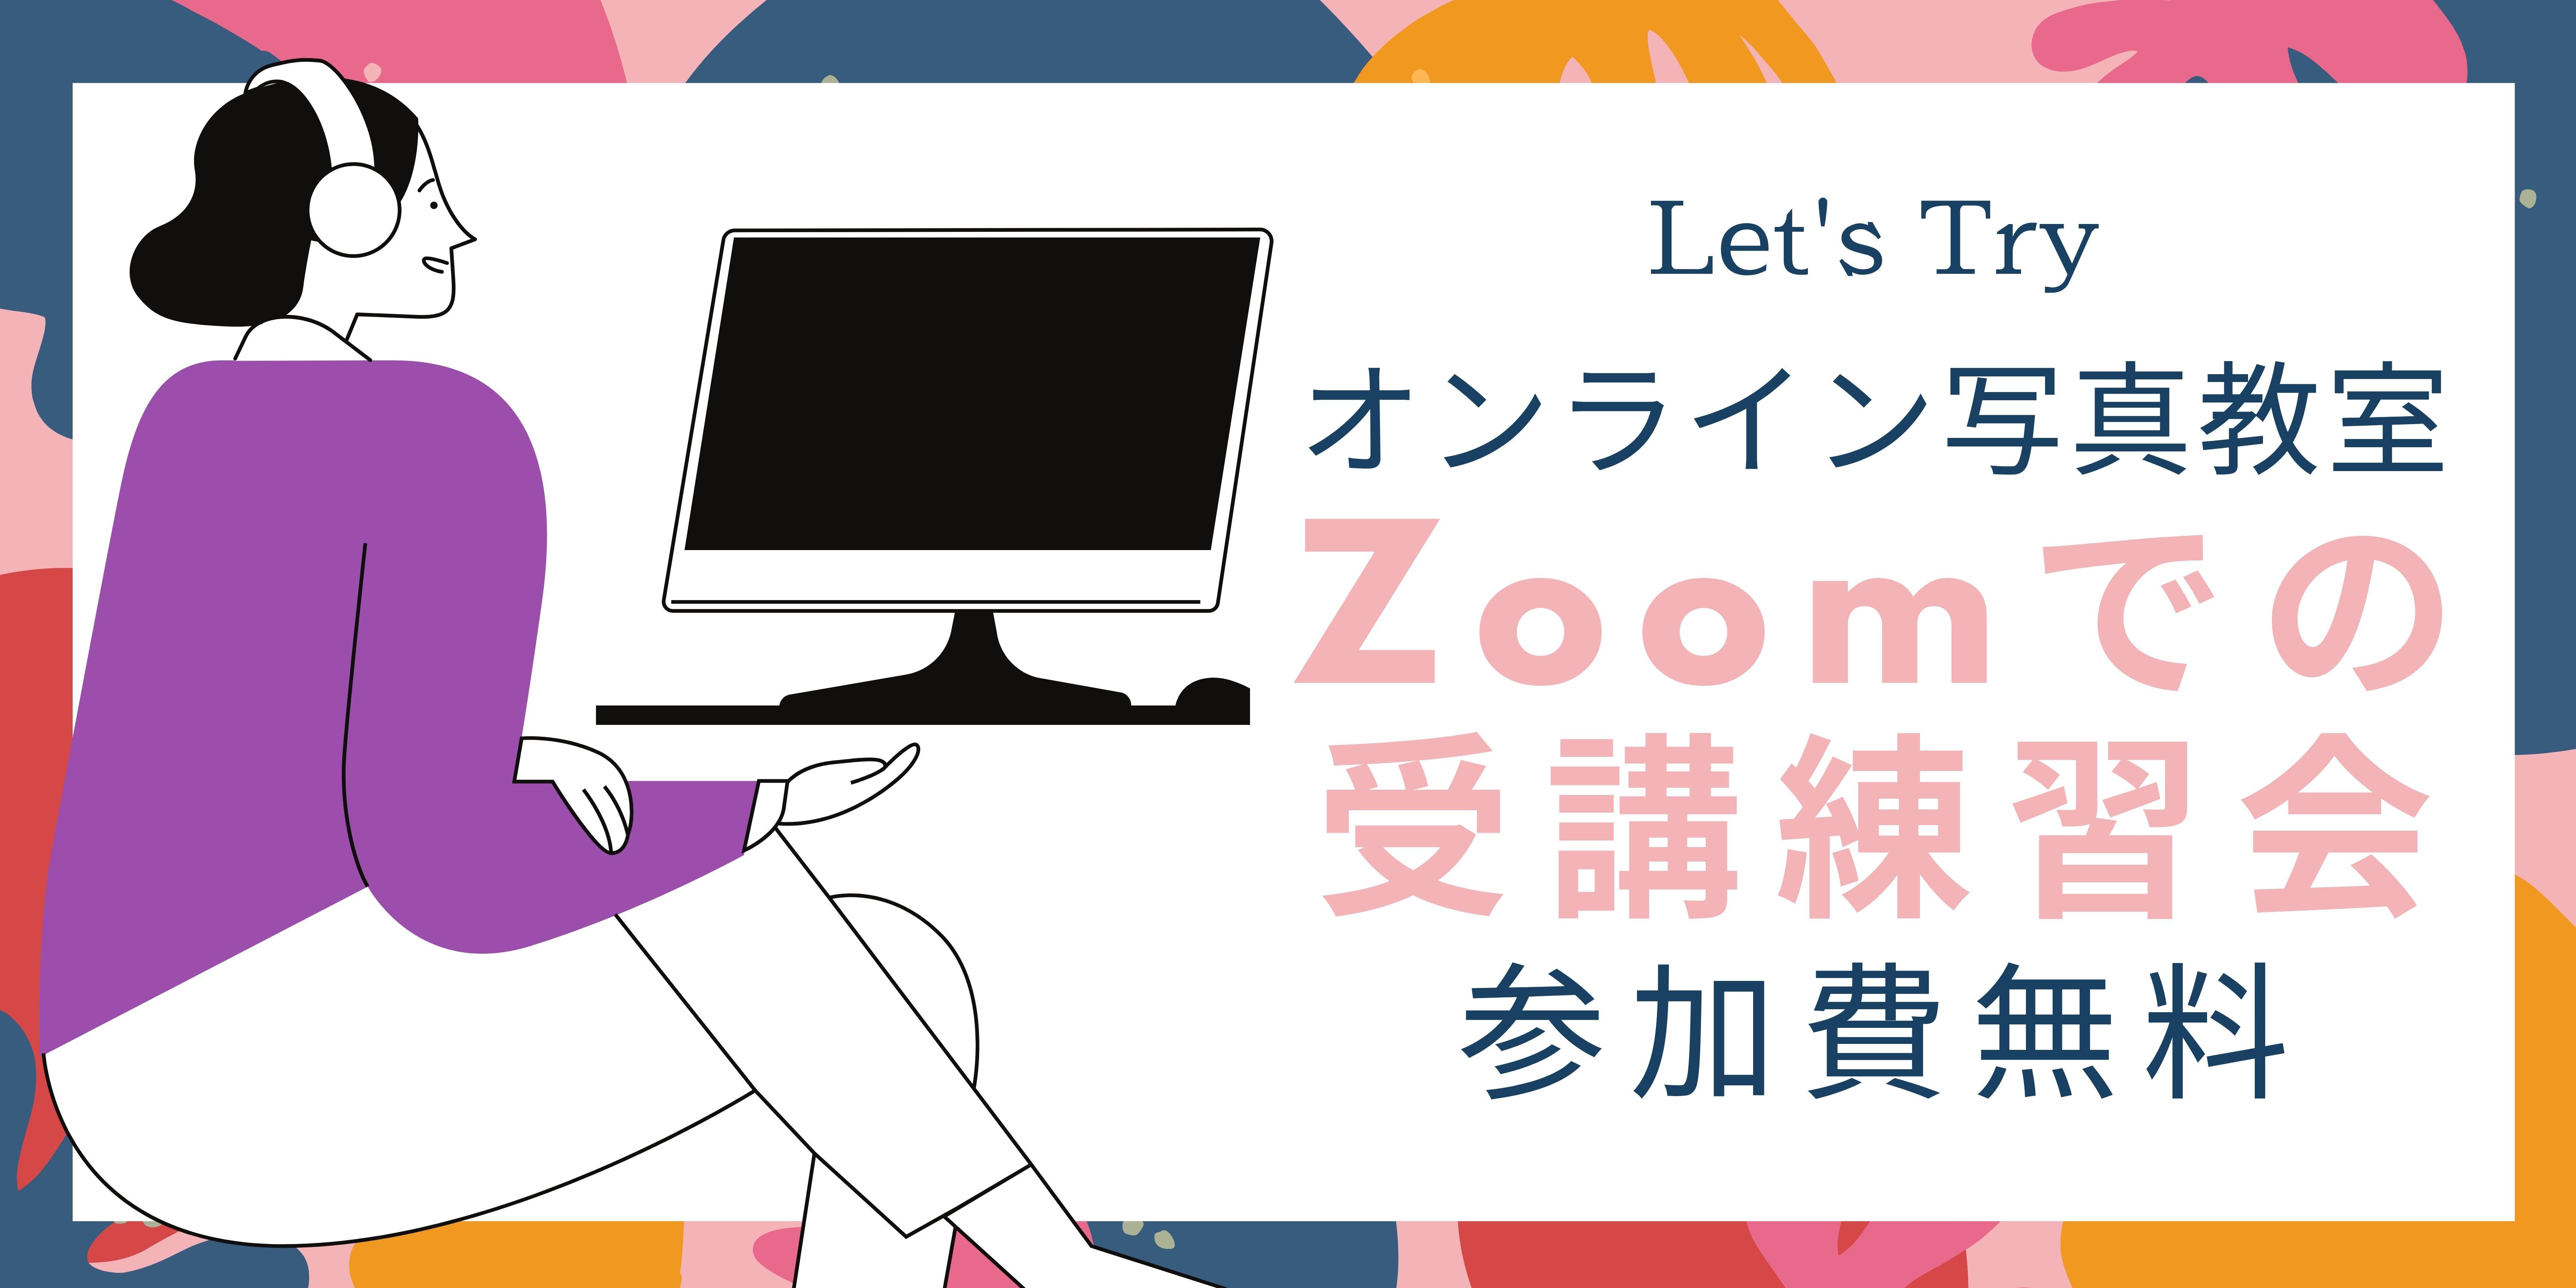 PCCオンライン写真教室「Zoom練習会」